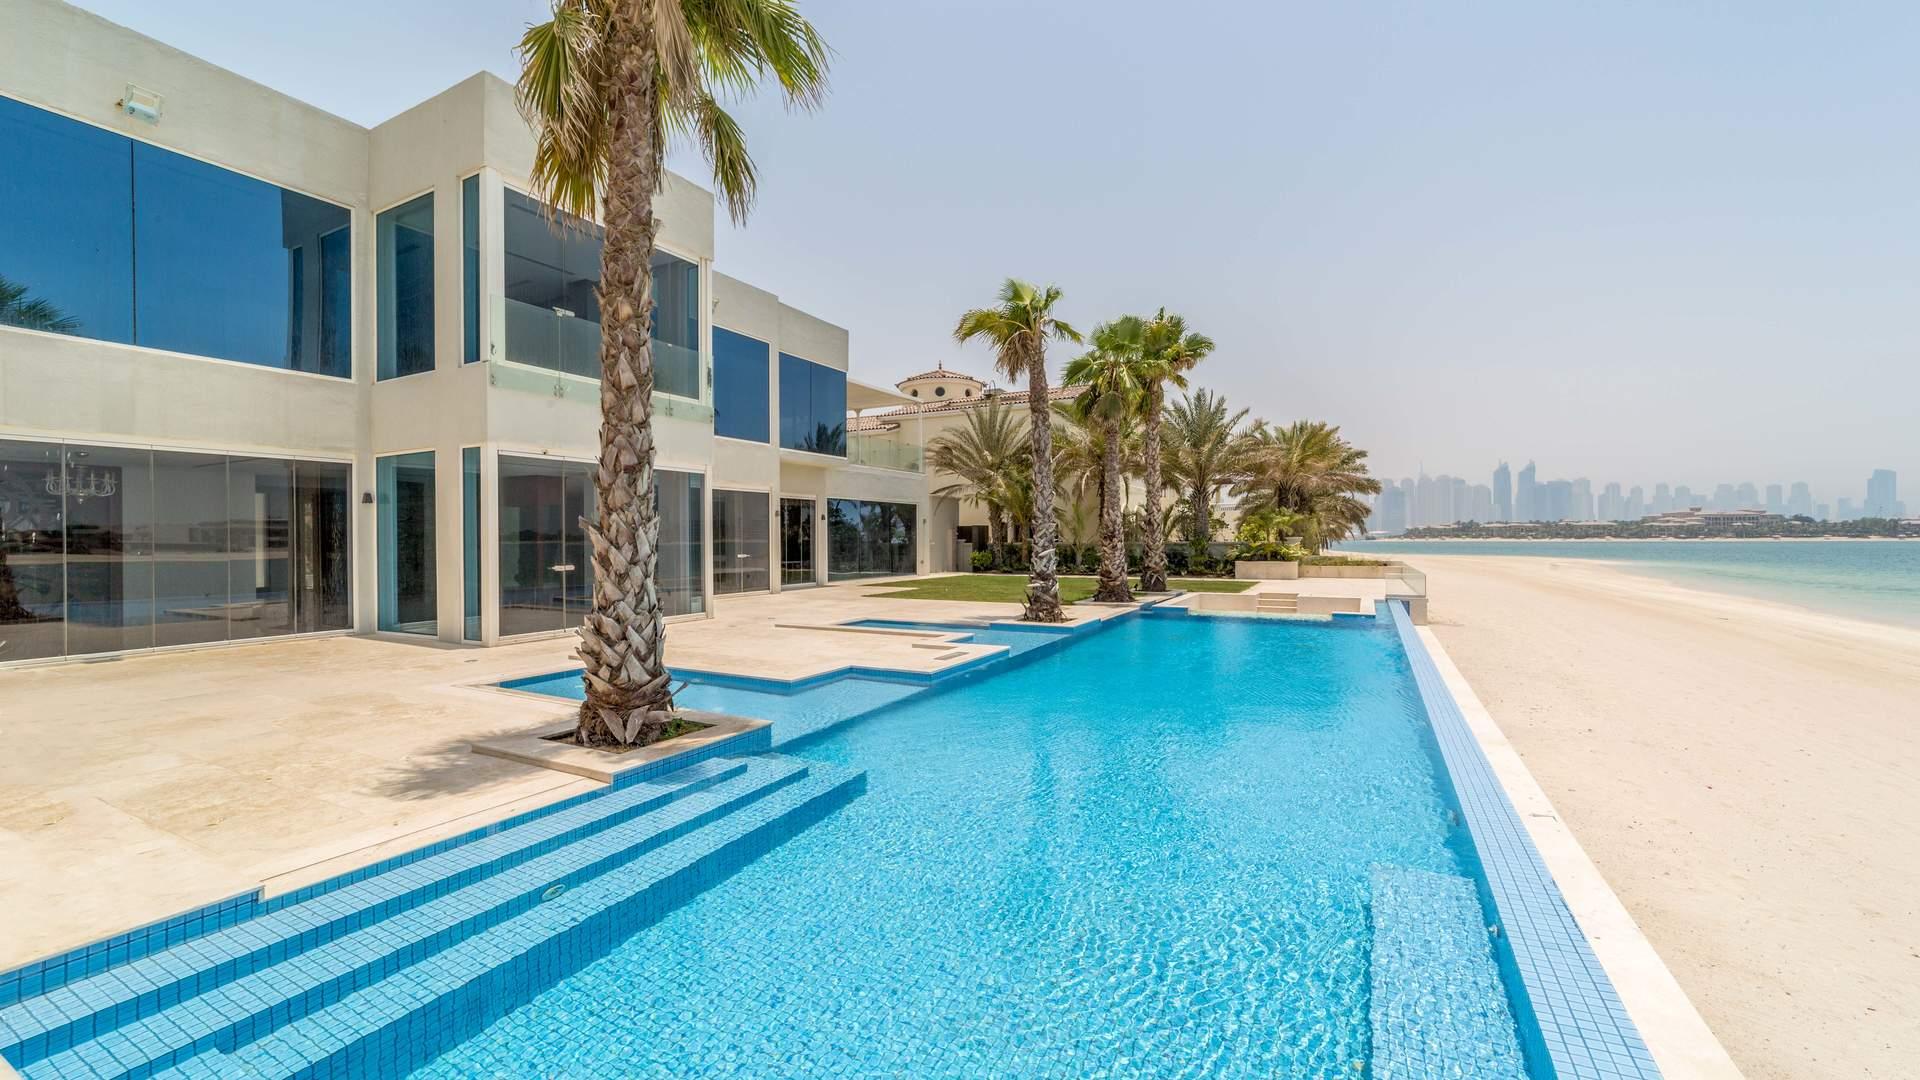 Villa en venta en Dubai, EAU, 6 dormitorios, 2044 m2, № 24491 – foto 5